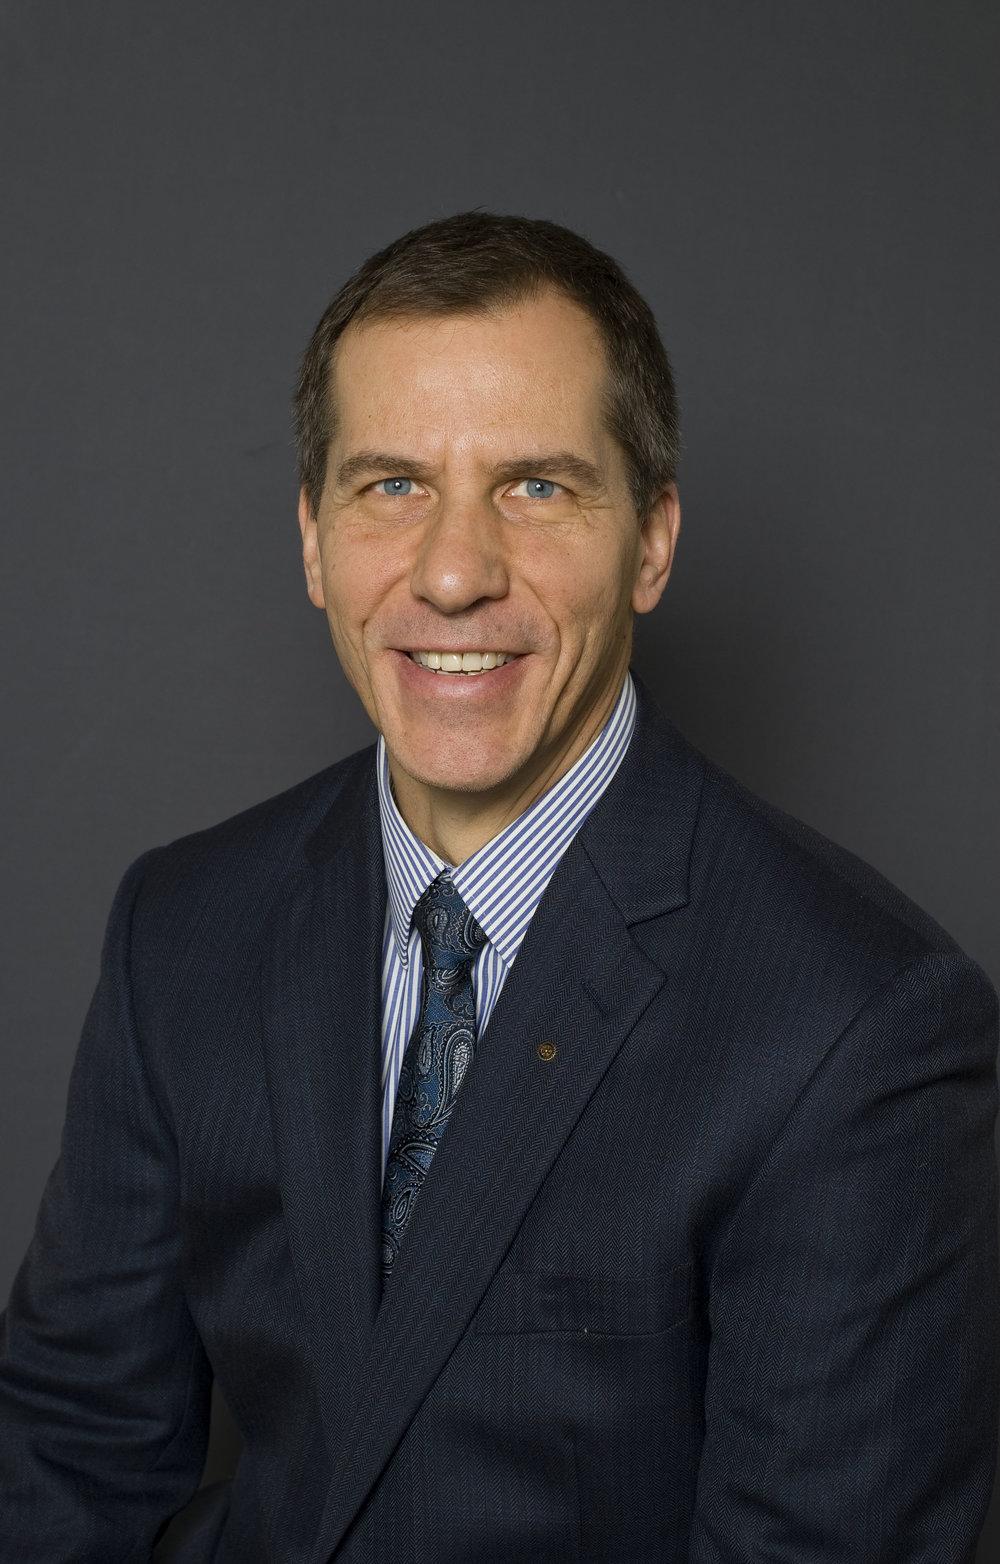 Mike Sedlak, CFP®, CFA, CEPA, MBA - Founder & Managing Member